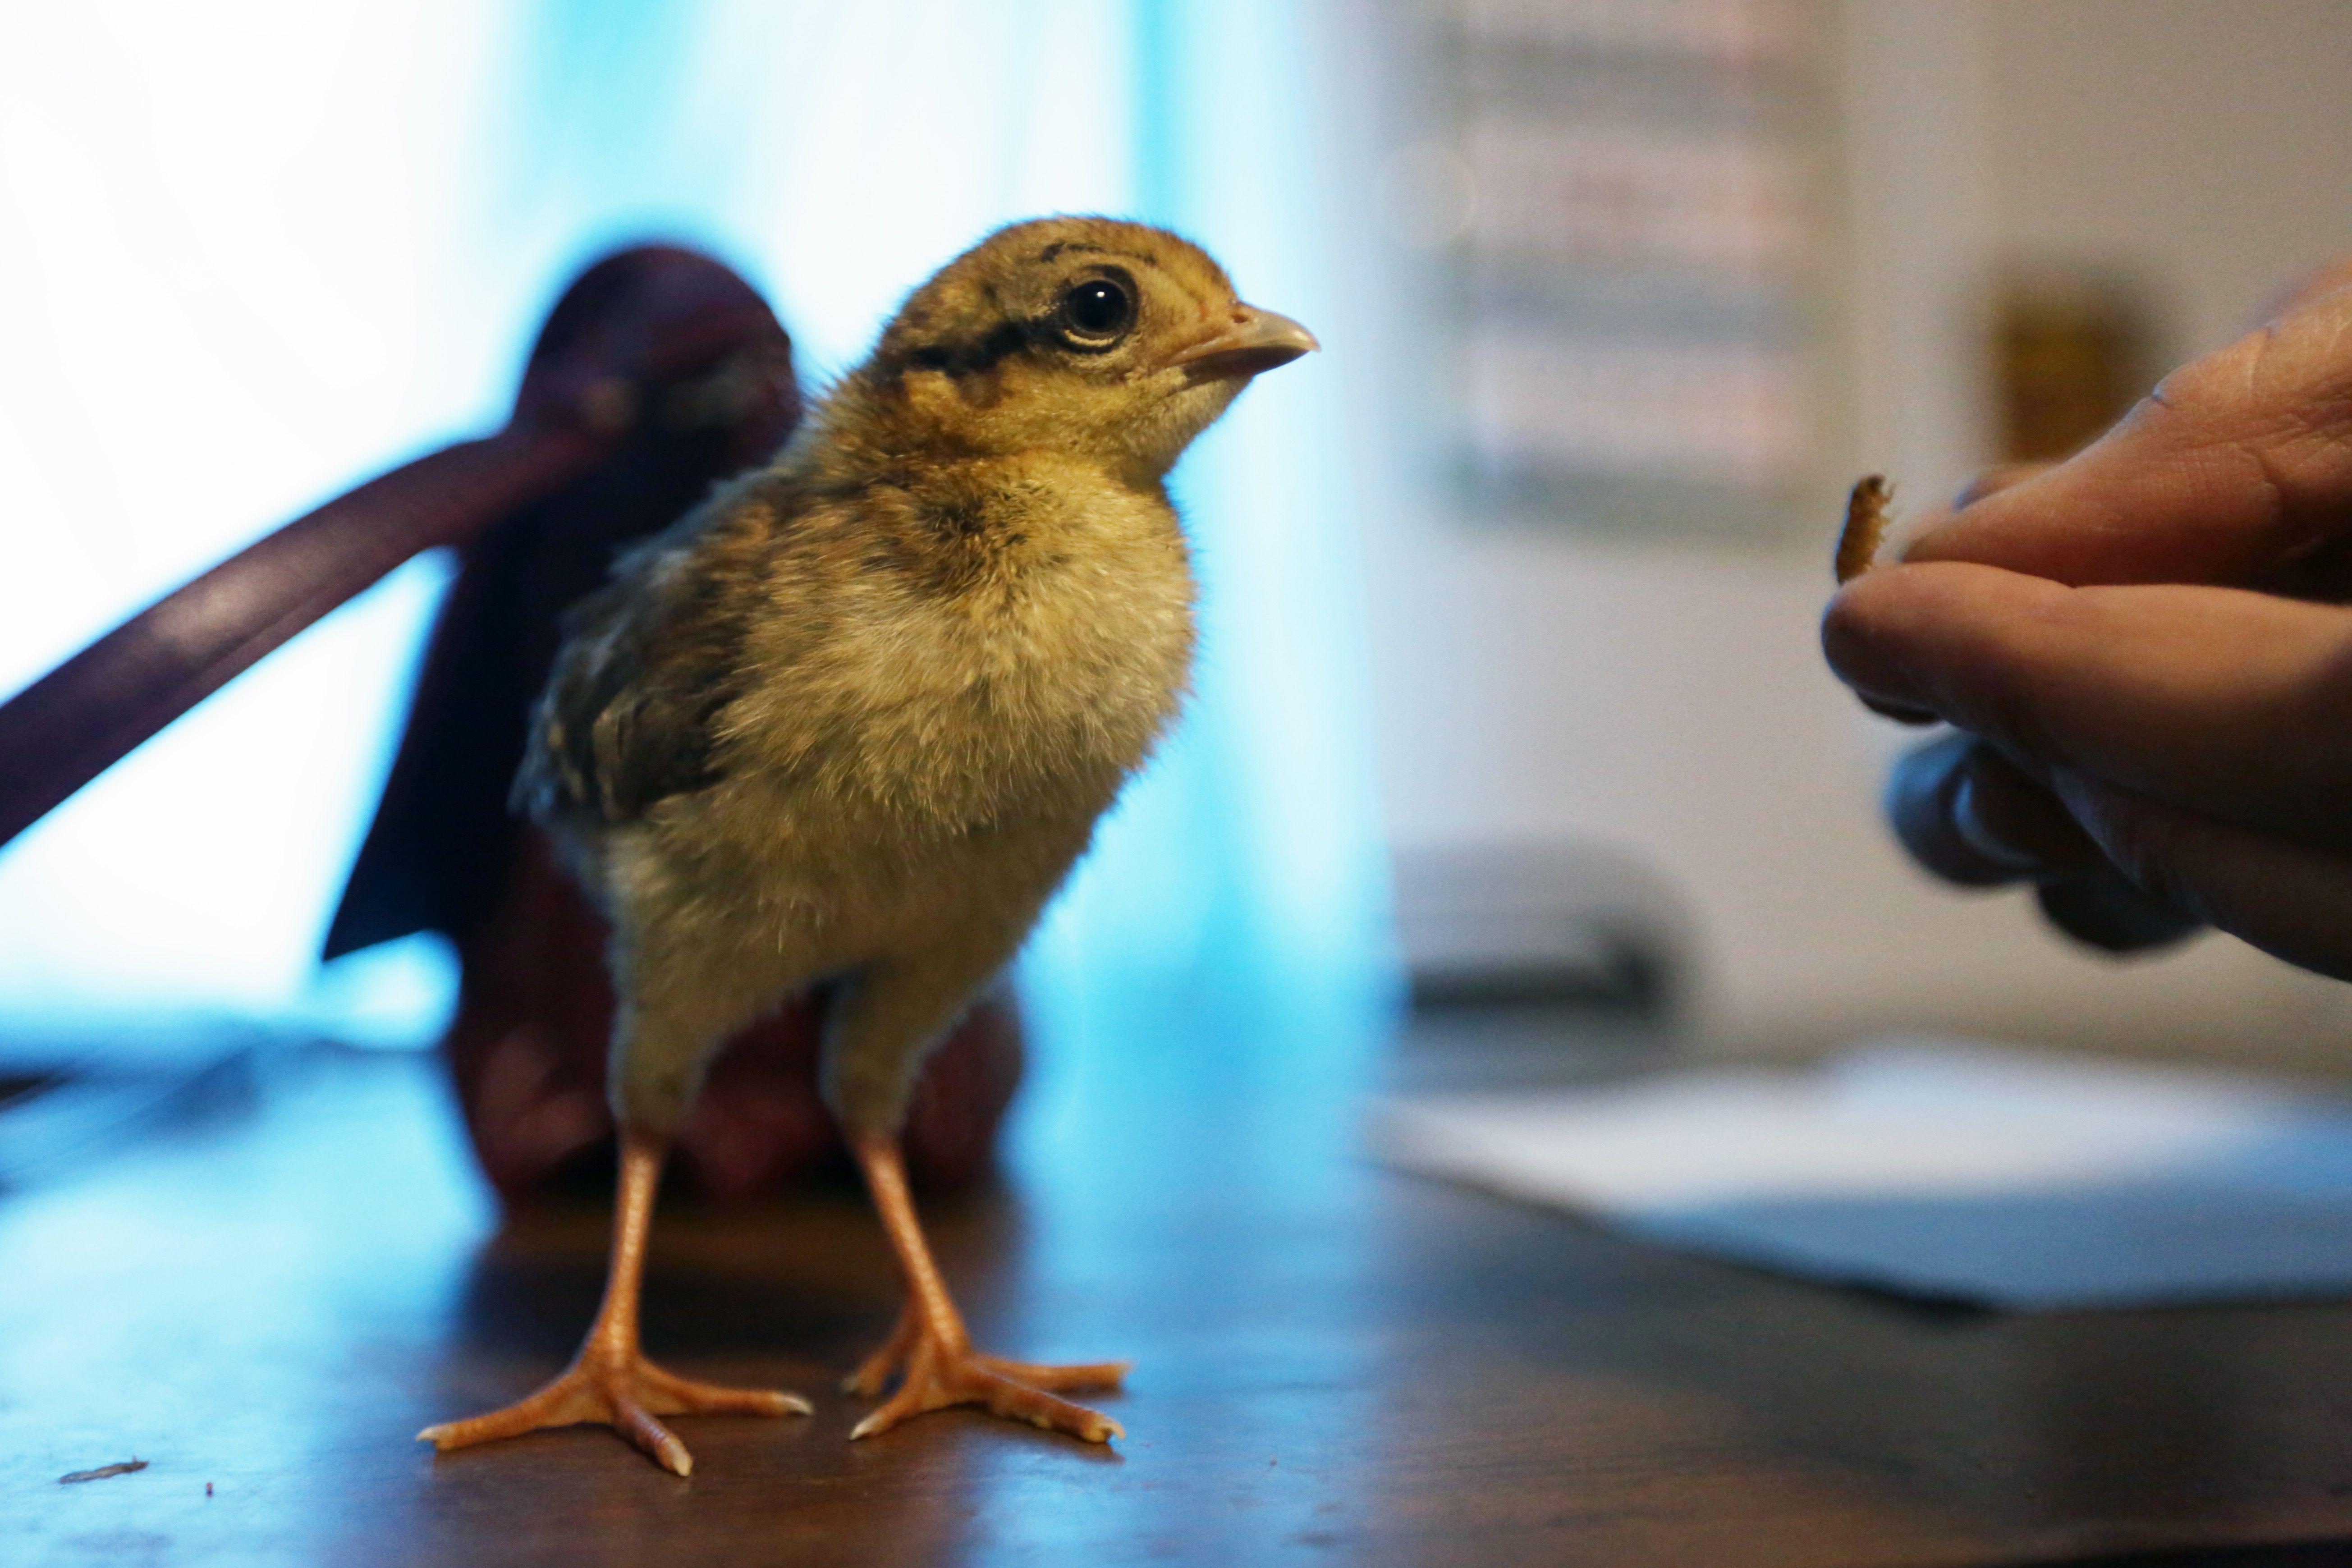 Экологи объявили о начале брачного периода фазанов в Битцевском лесу